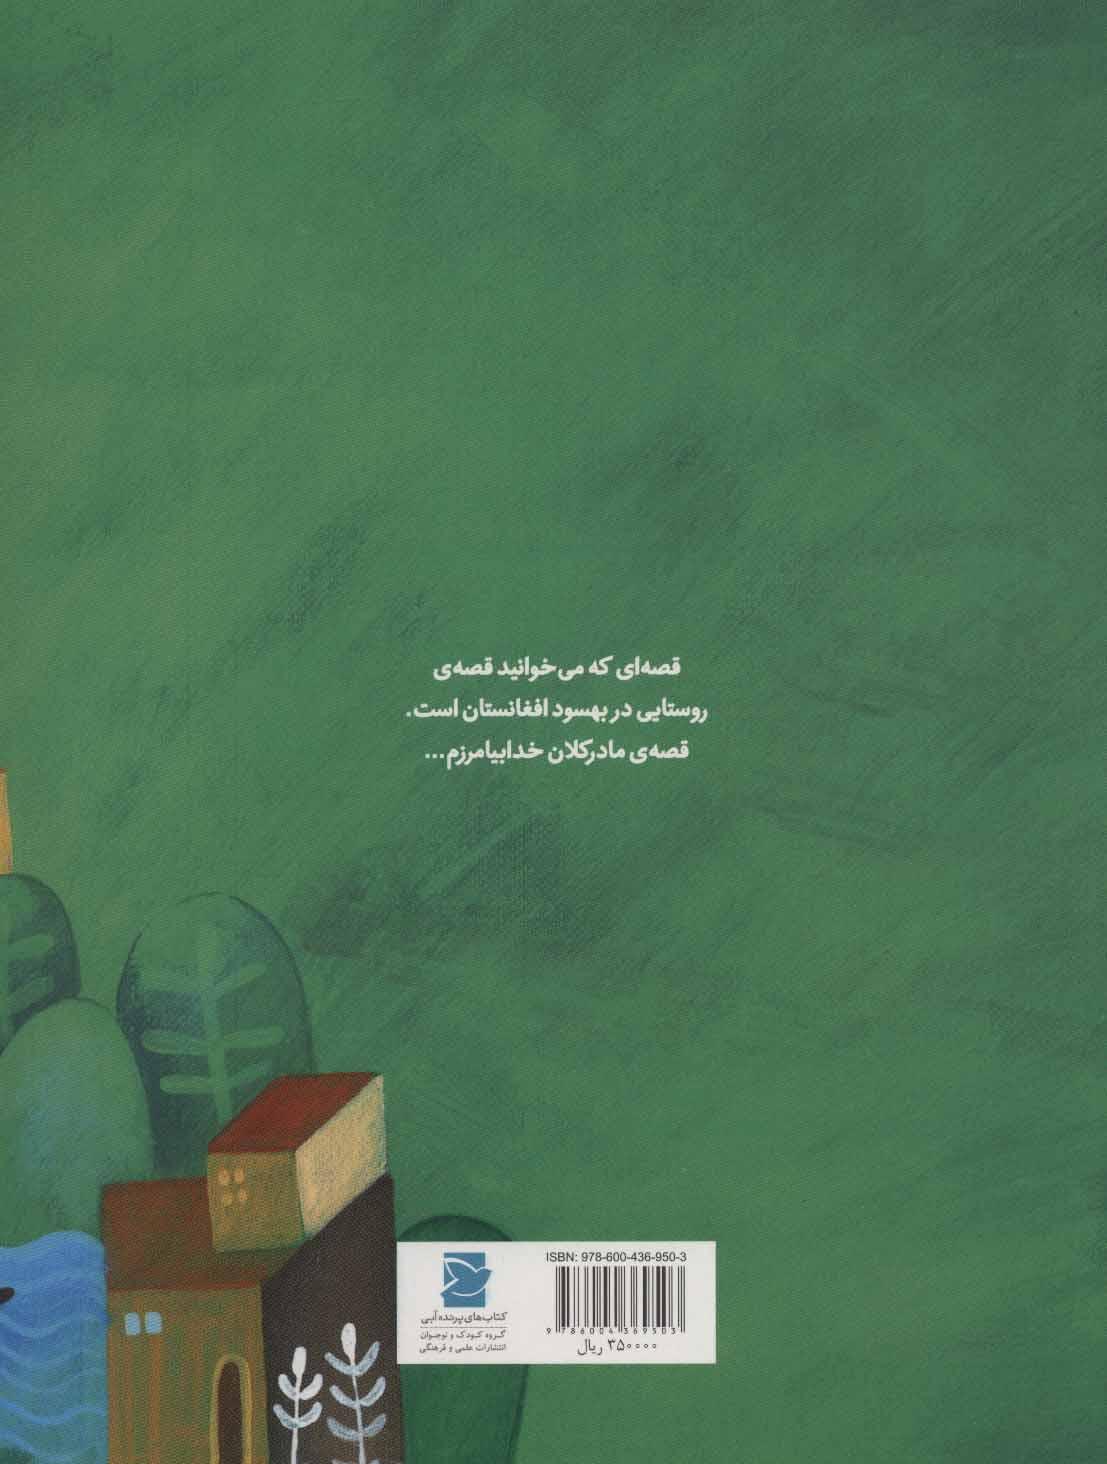 گرگ های مهربان کوه تخت (داستانی از افغانستان،دنیا خانه ی من است)،(گلاسه)